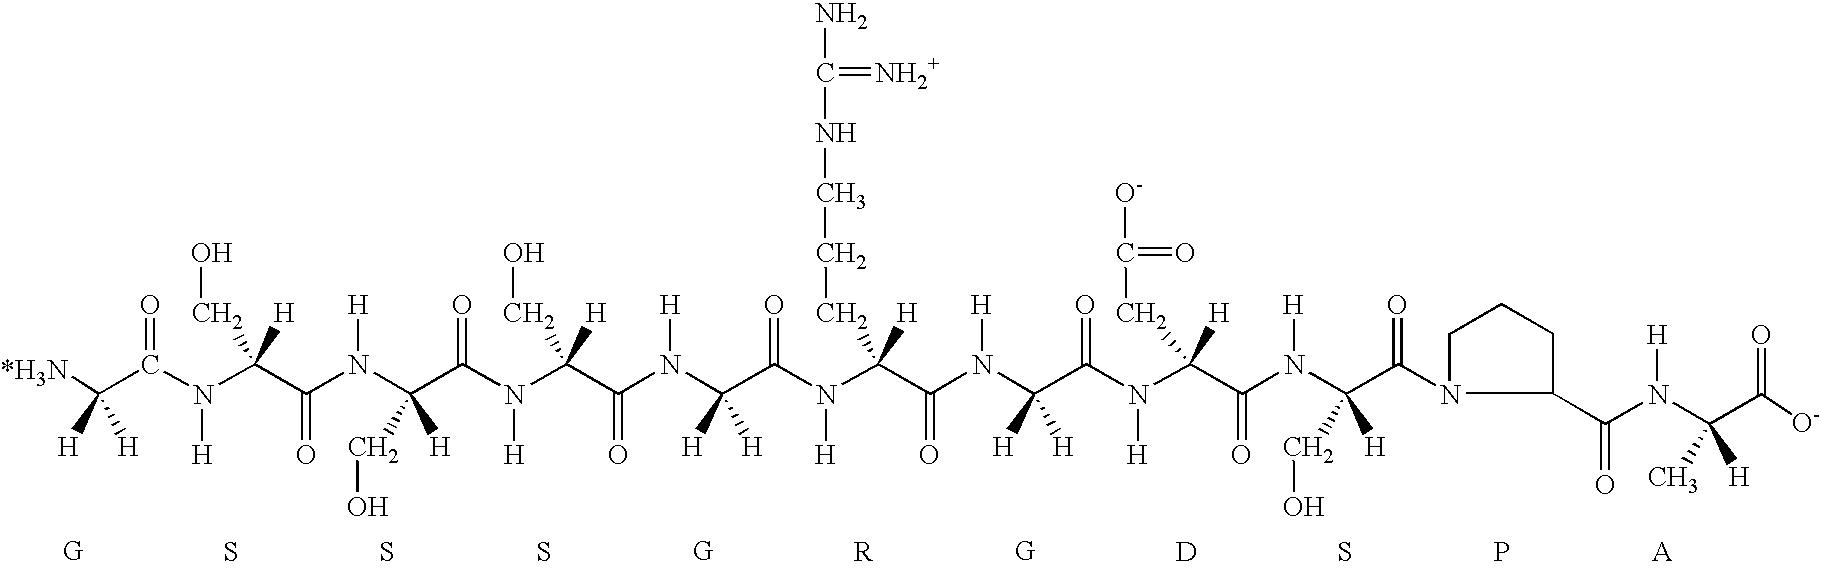 Figure US06759388-20040706-C00001